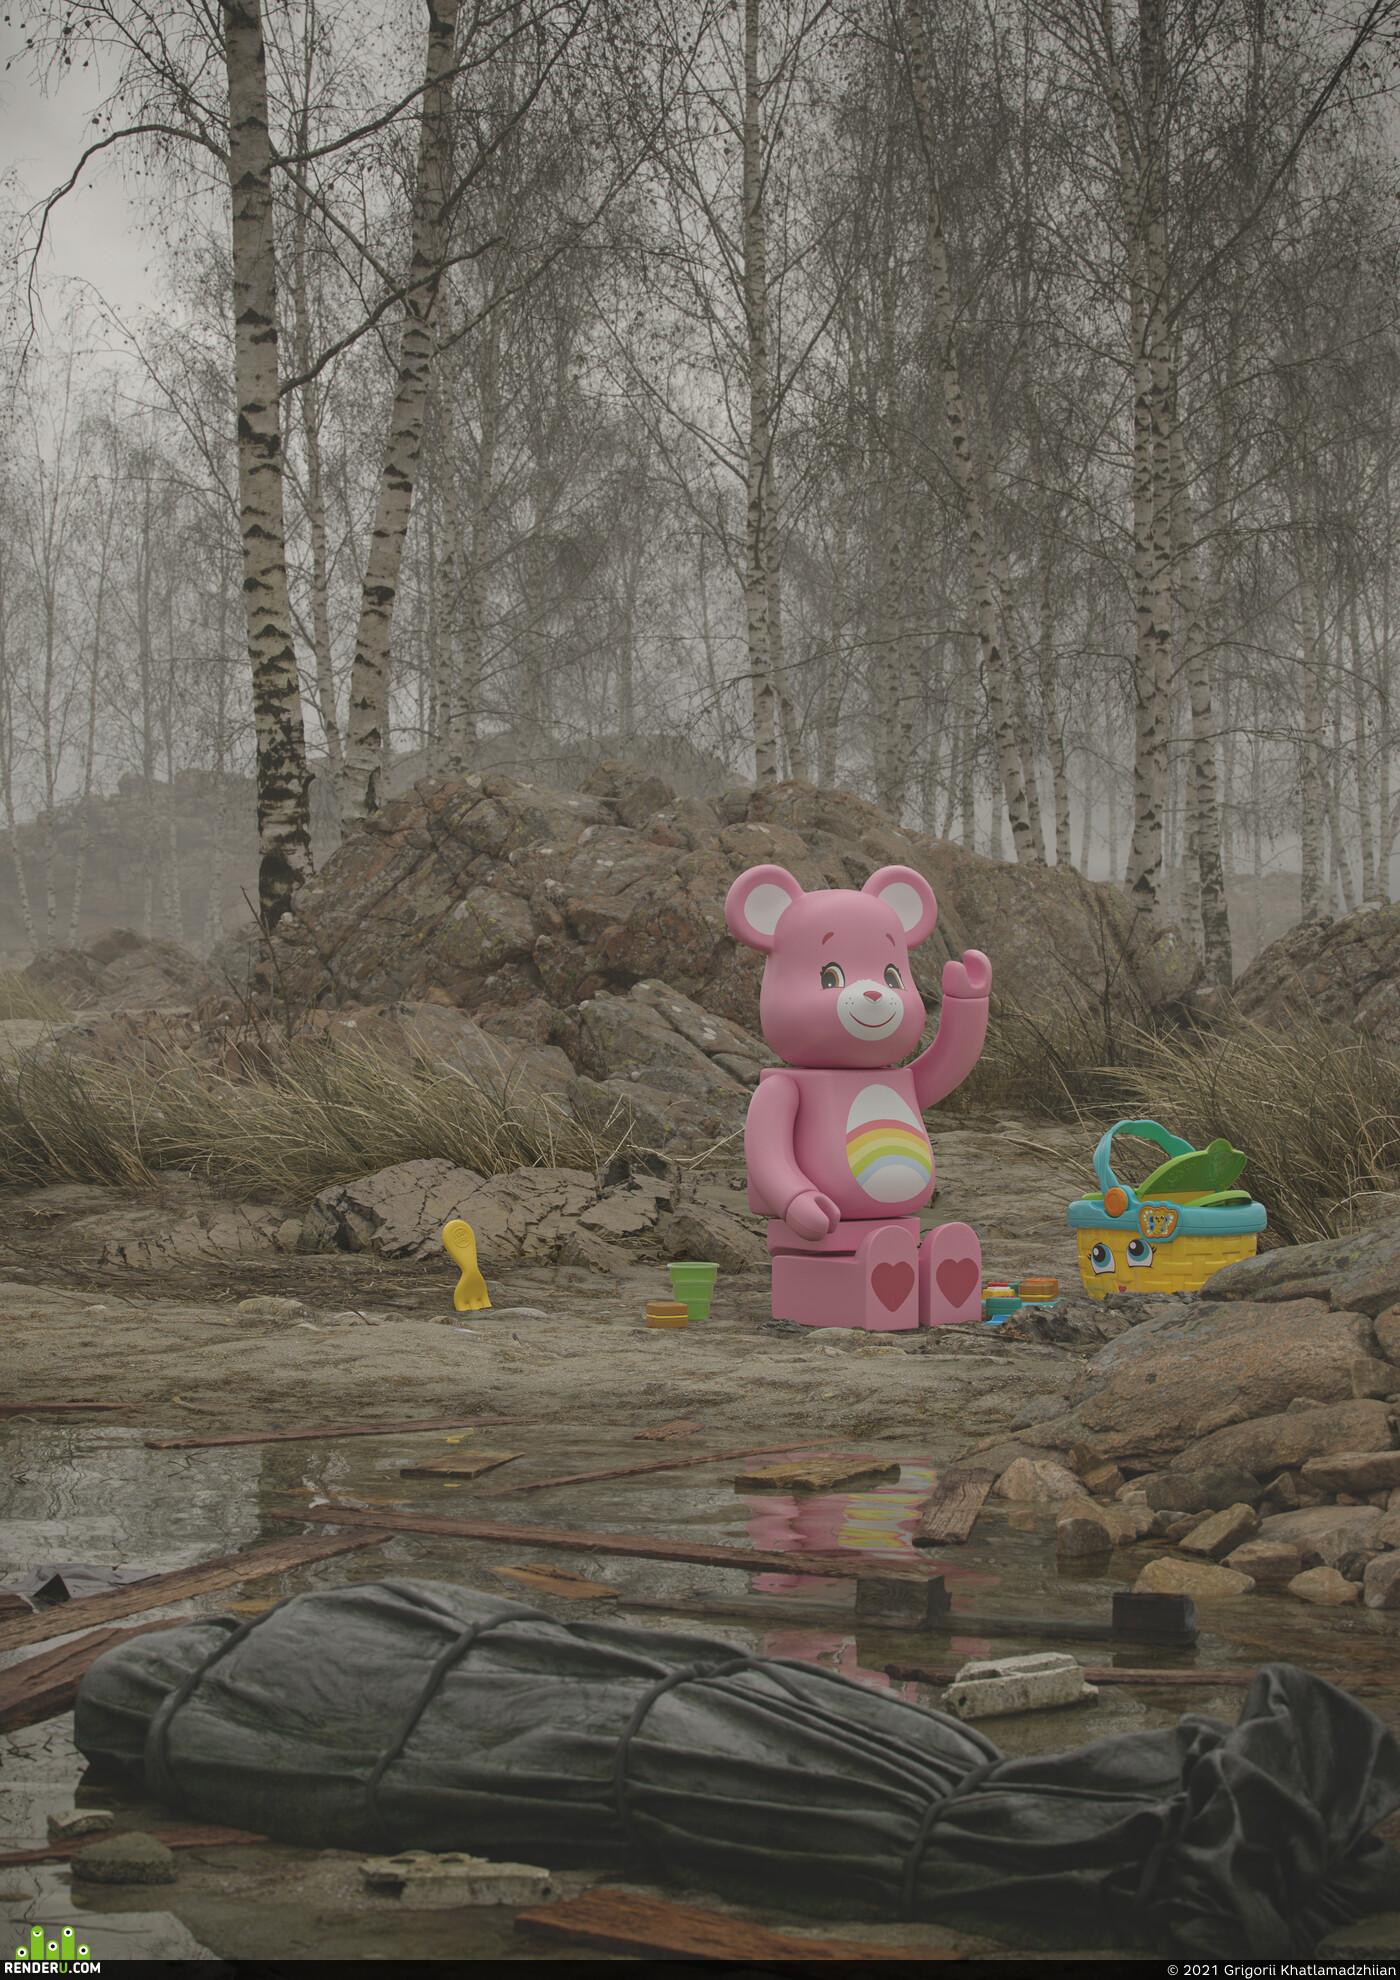 3d toys, forest, QuixelMegascans, coronarenderer, Mistic, Fog, stone rock, envairoment